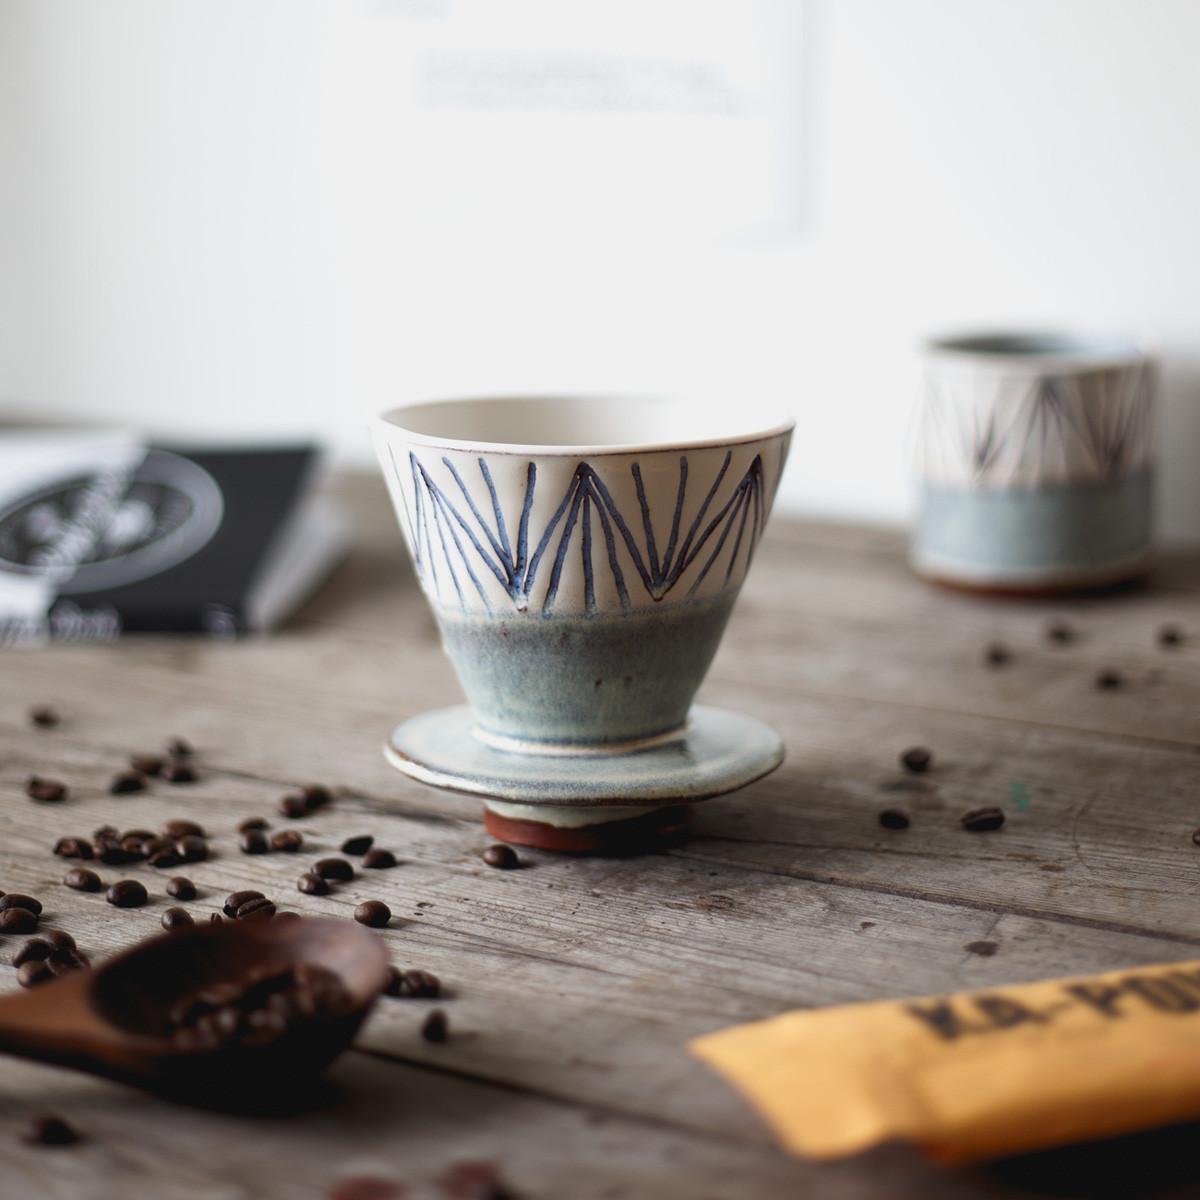 ceramic-coffee-dripper-home-brew-v60-made-in-the-uk-4_a734d9dc-c77f-4186-8ca2-939e3ff604ea